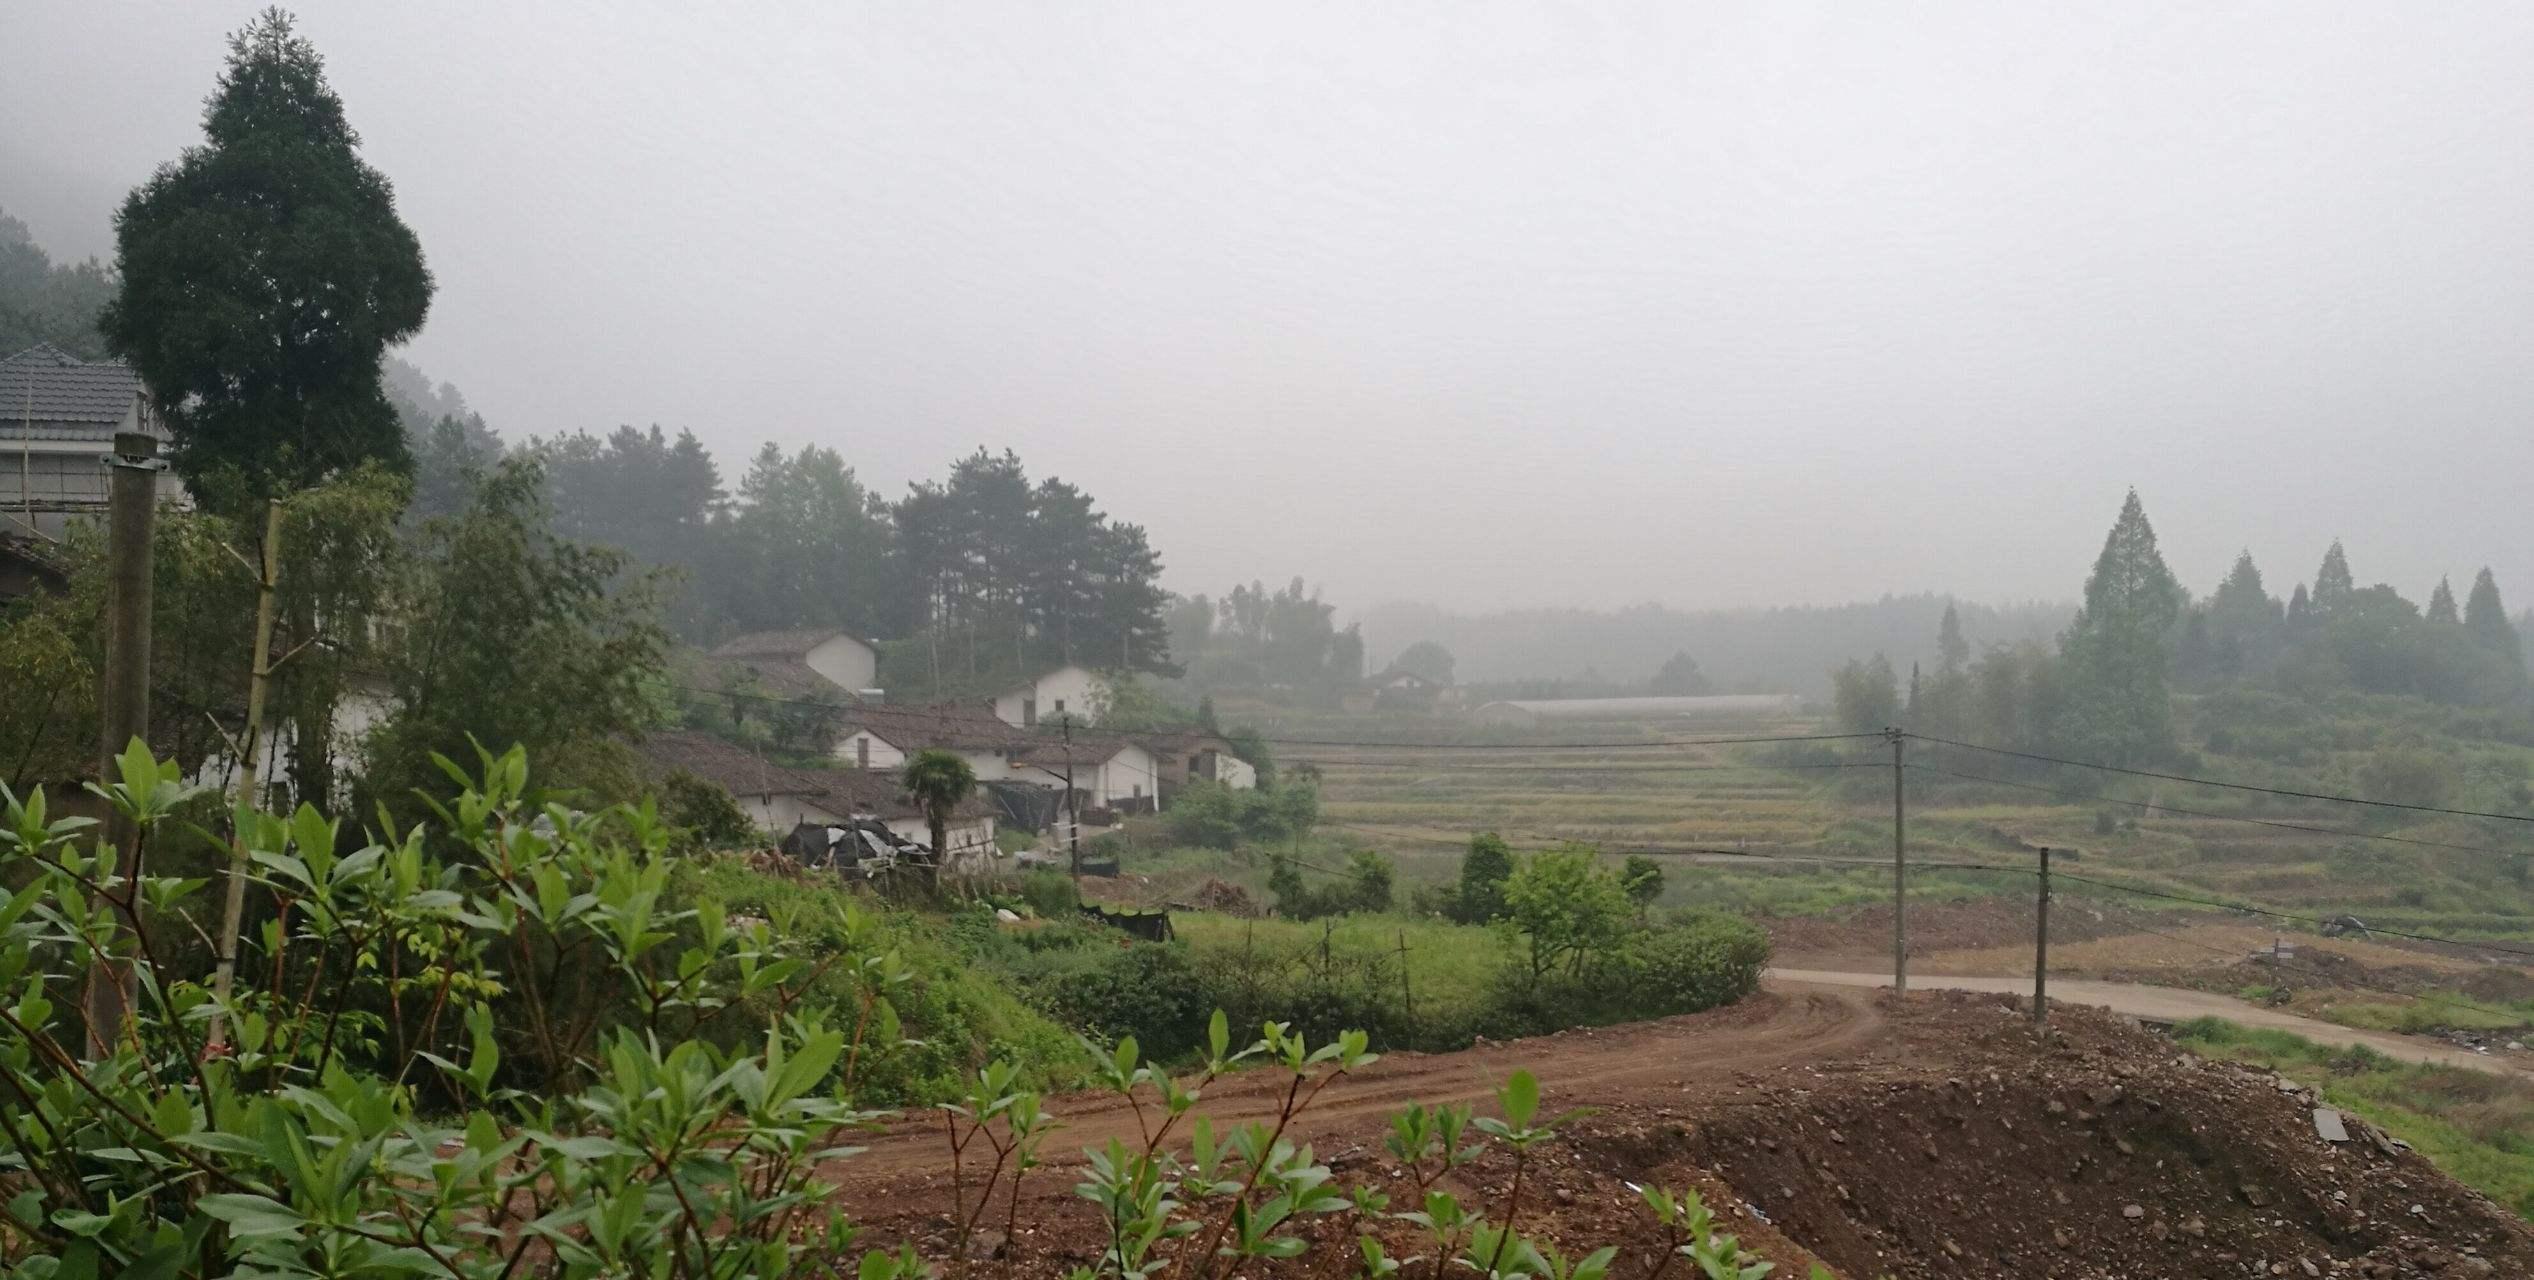 【晓荷·遇见】风吹过的村庄(小说)